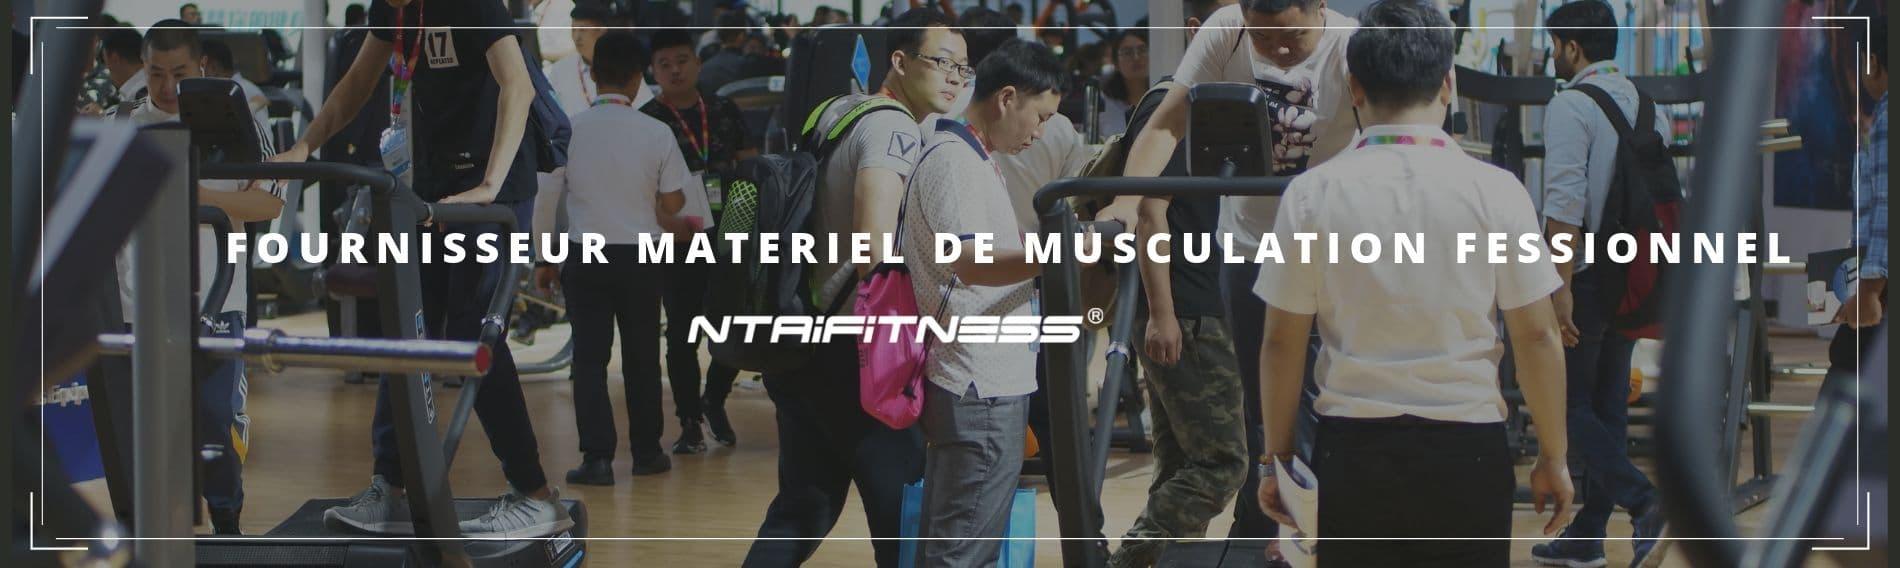 Fournisseur materiel de musculation fessionnel - Equipement salle musculation fessionnel